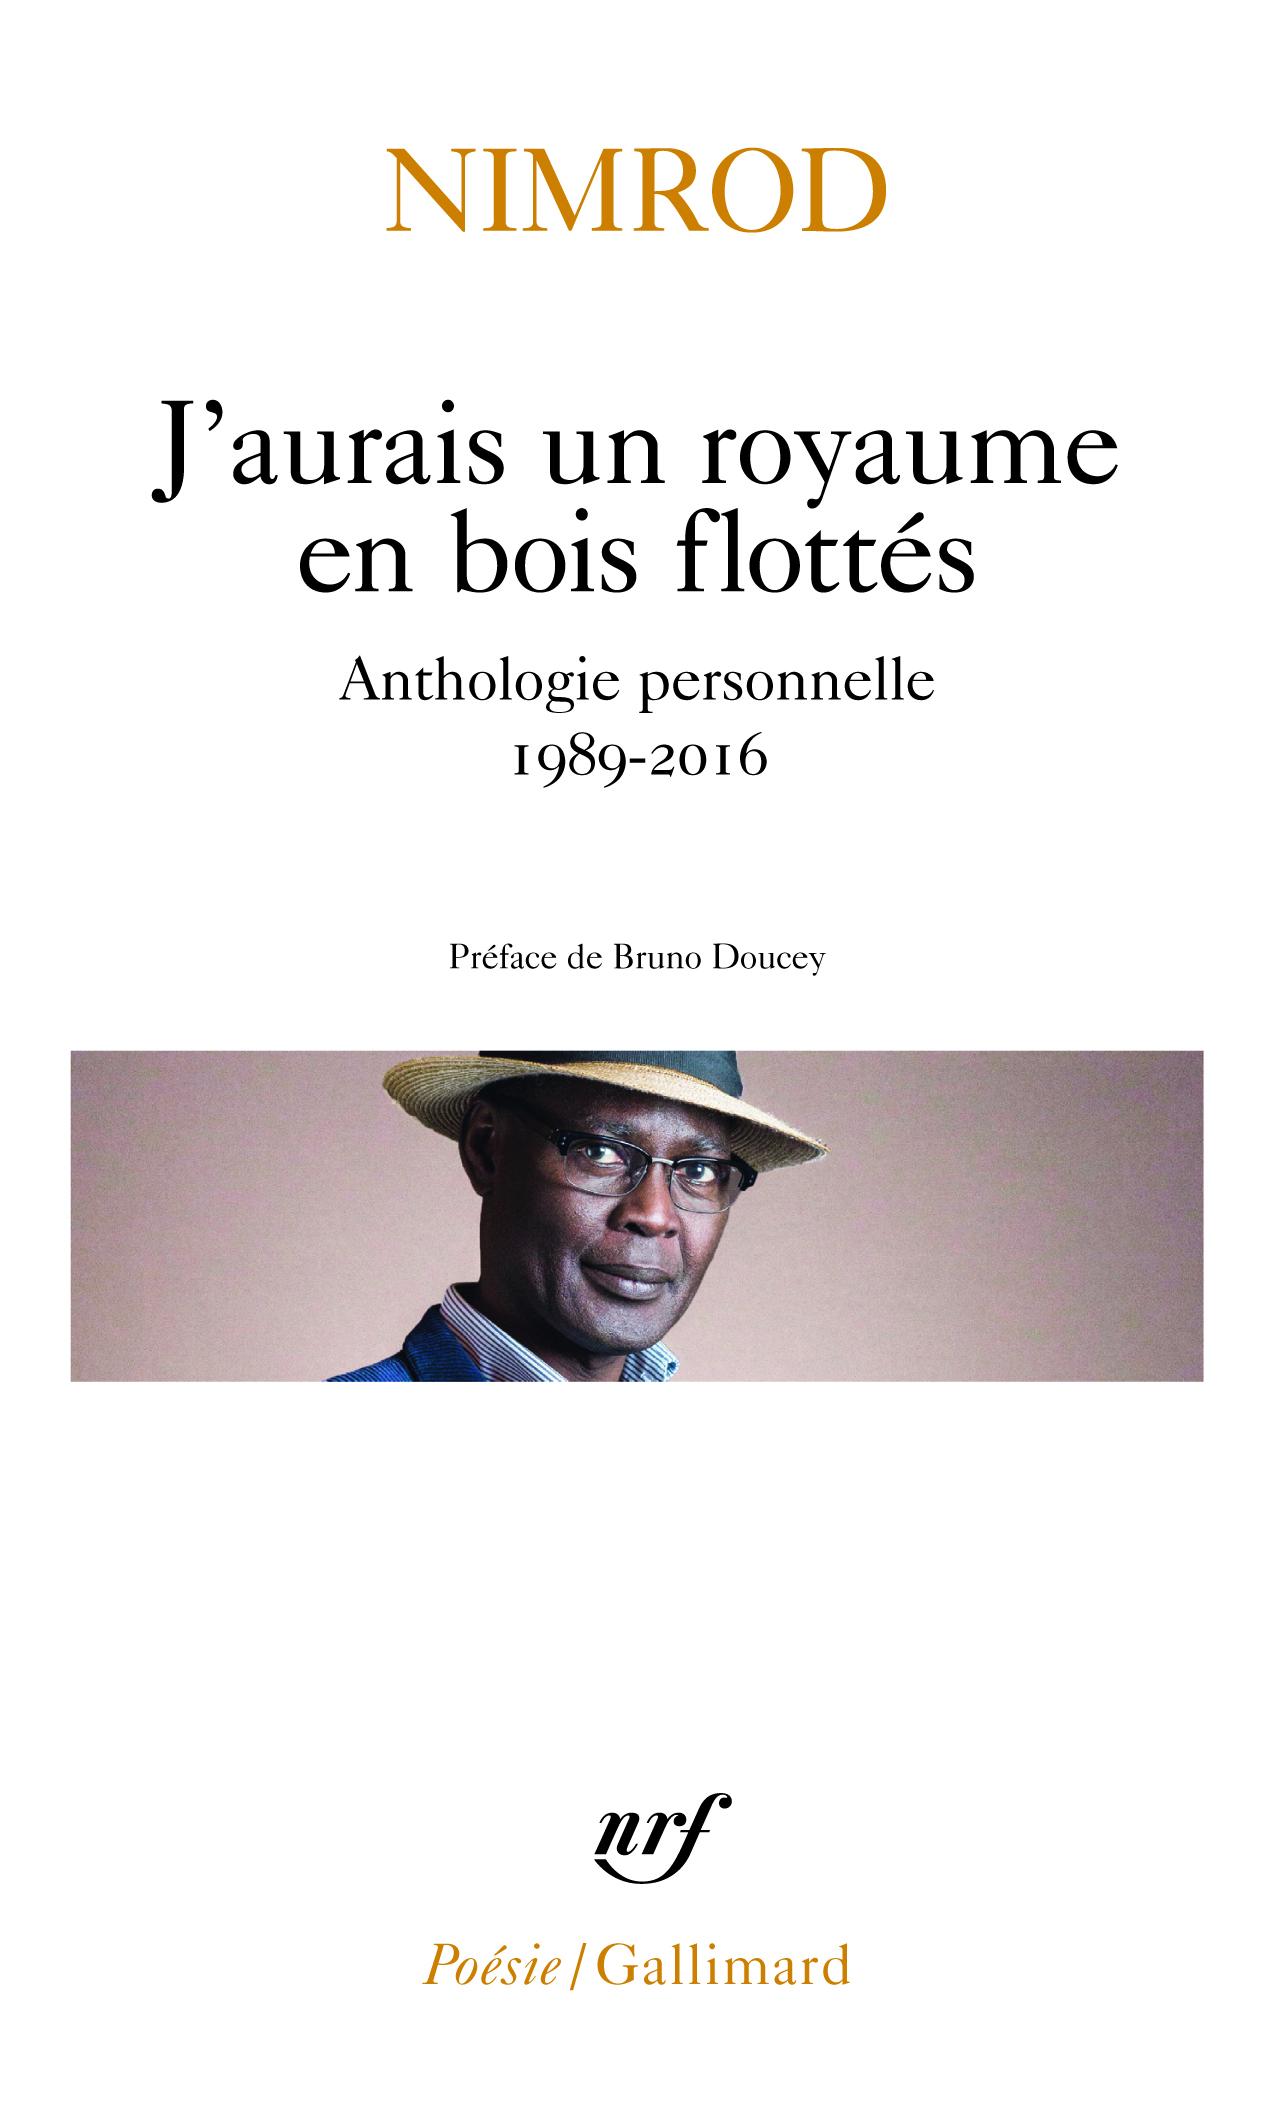 J'AURAIS UN ROYAUME EN BOIS FLOTTES - ANTHOLOGIE PERSONNELLE 1989-2016